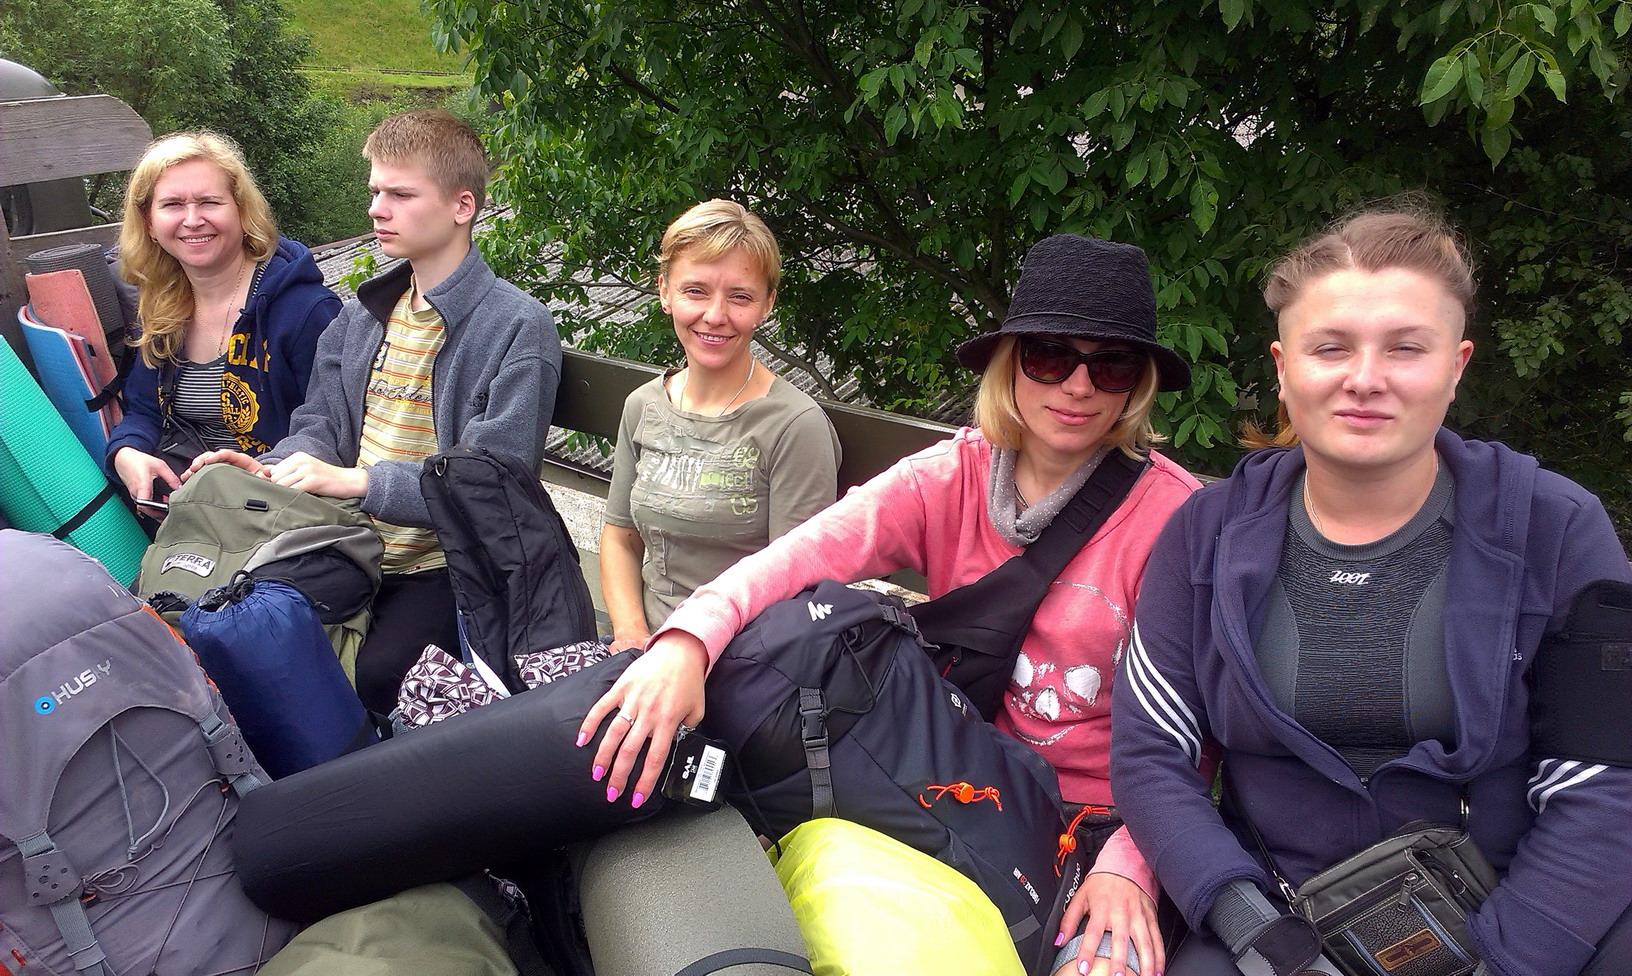 Грузимося в ГАЗ-66 - 22 туристів. Плюс четверо в УАЗику